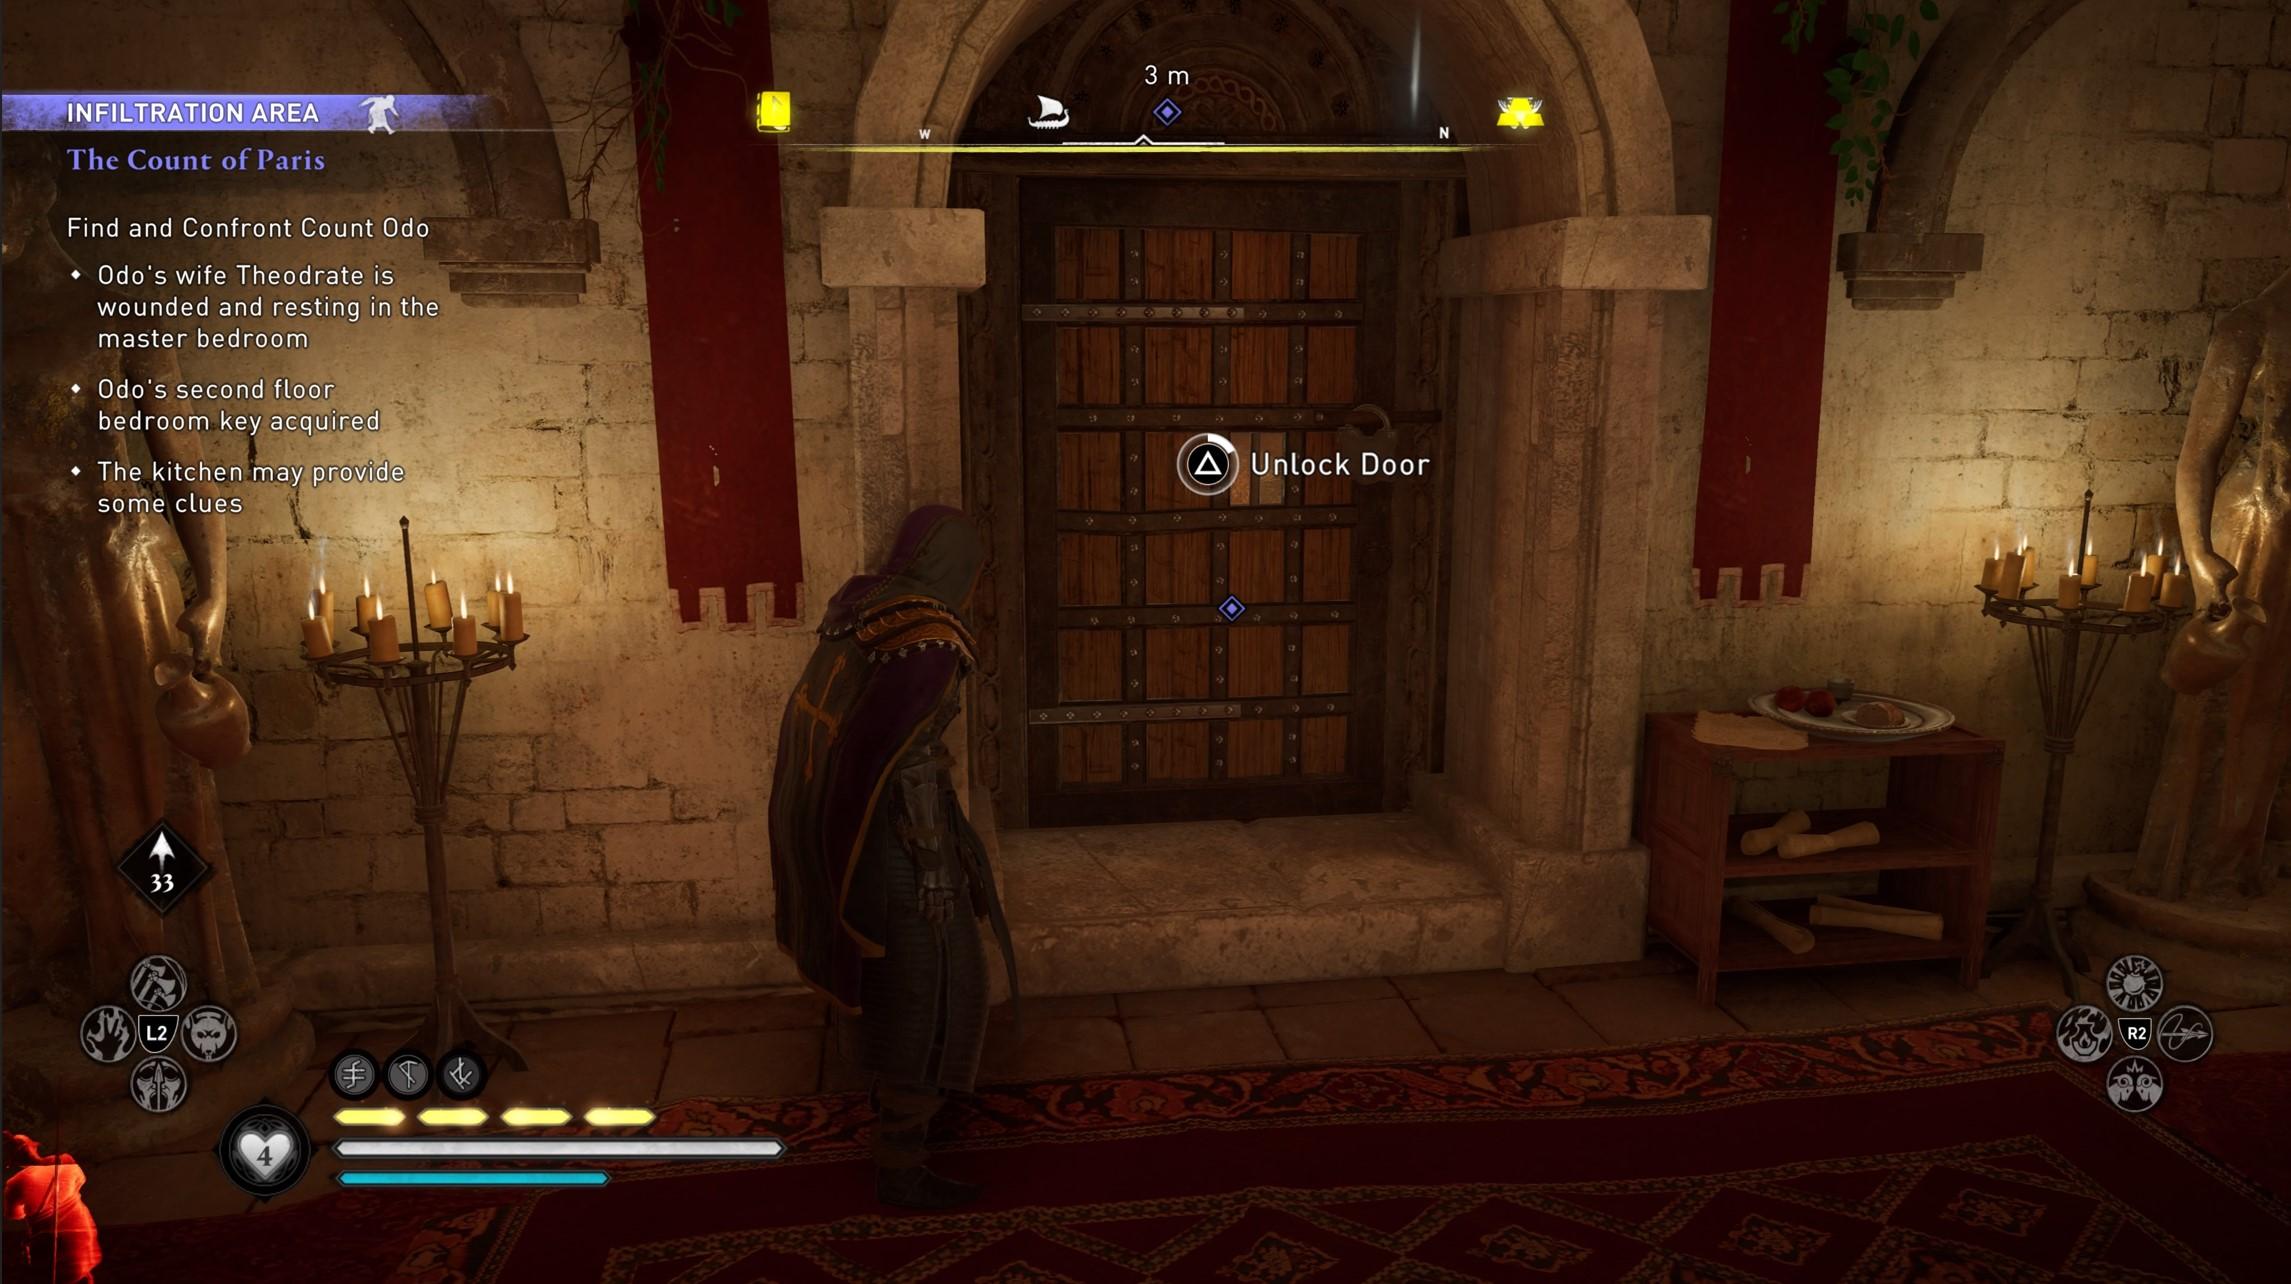 assassins creed valhalla count of paris confront odo unlock Assassin's Creed Valhalla Siege of Paris The Count of Paris | Confront Odo